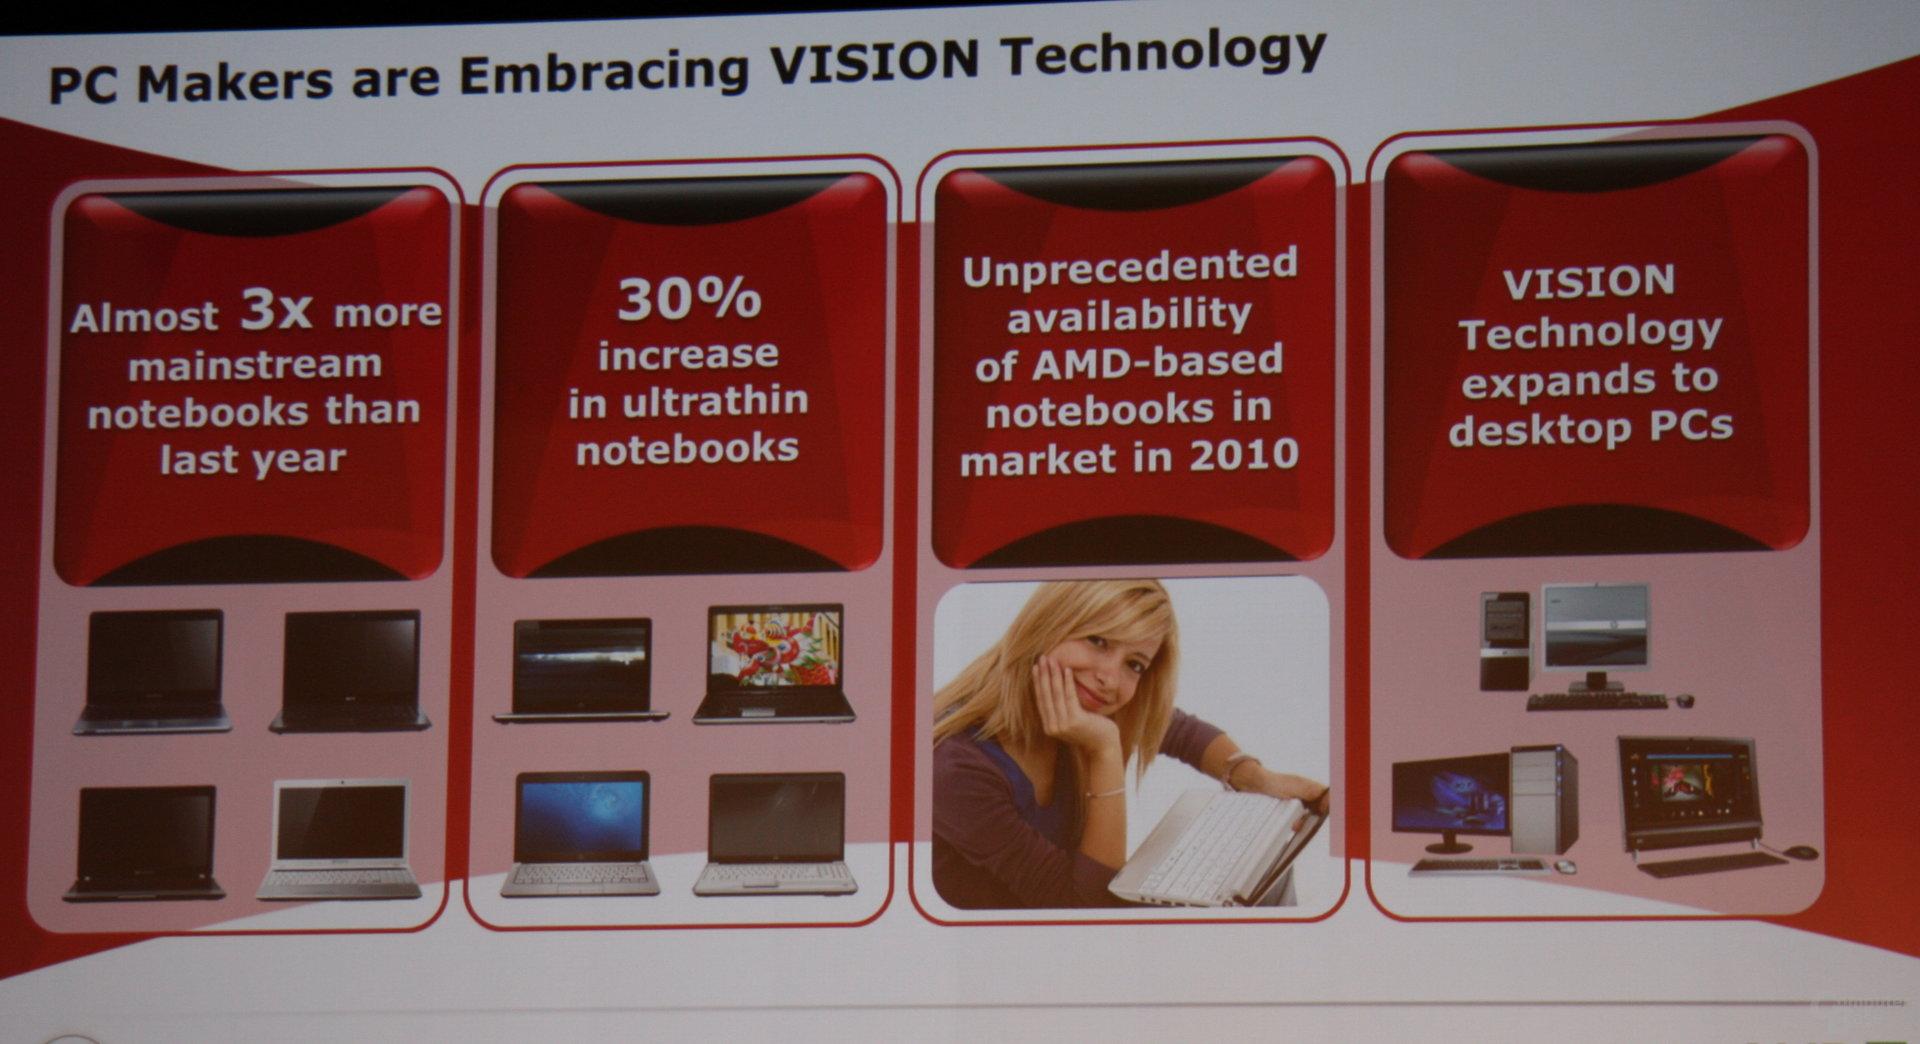 Vision auch bald auf dem Desktop